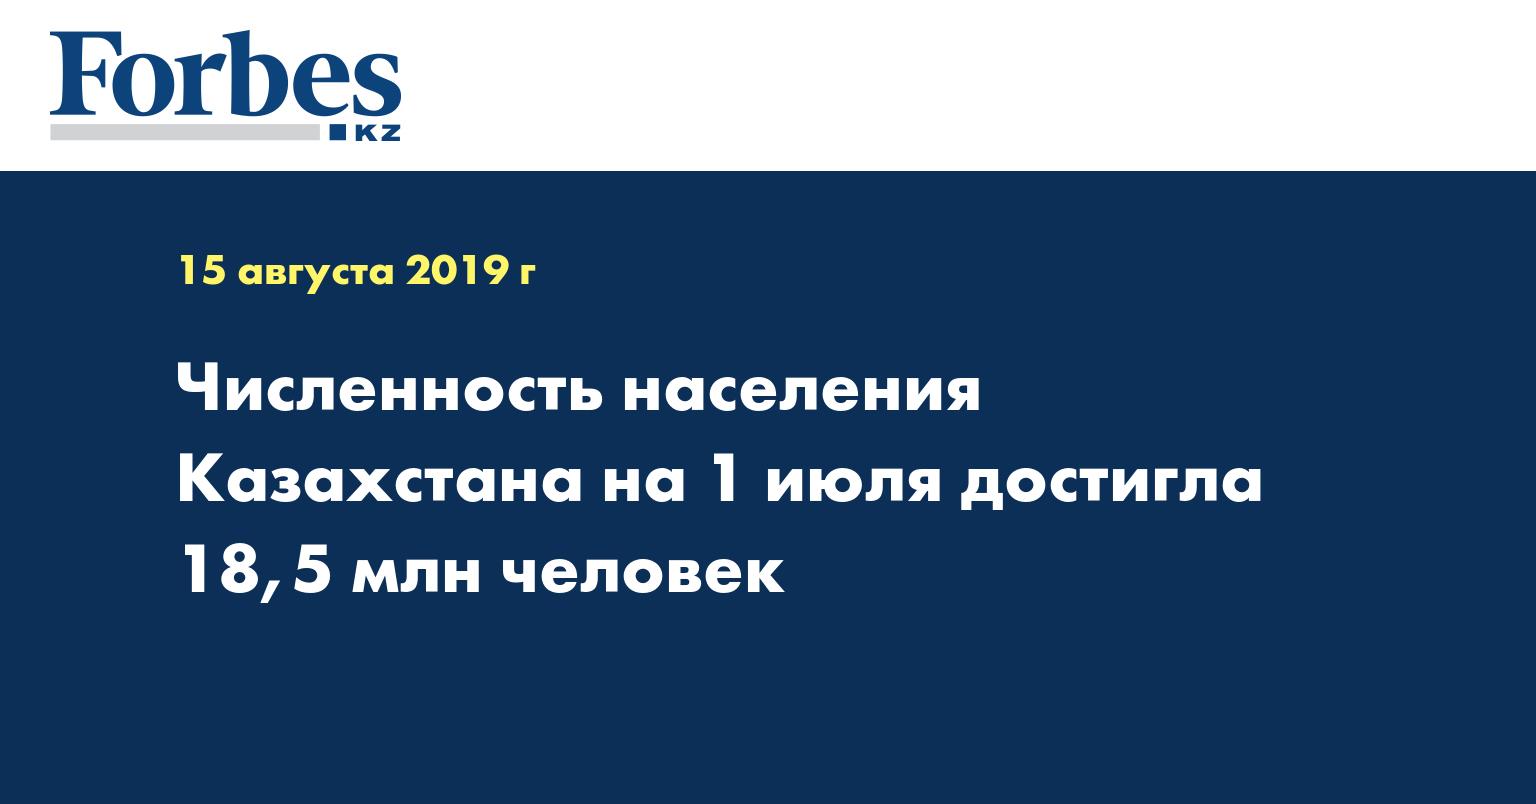 Численность населения Казахстана на 1 июля достигла 18,5 млн человек